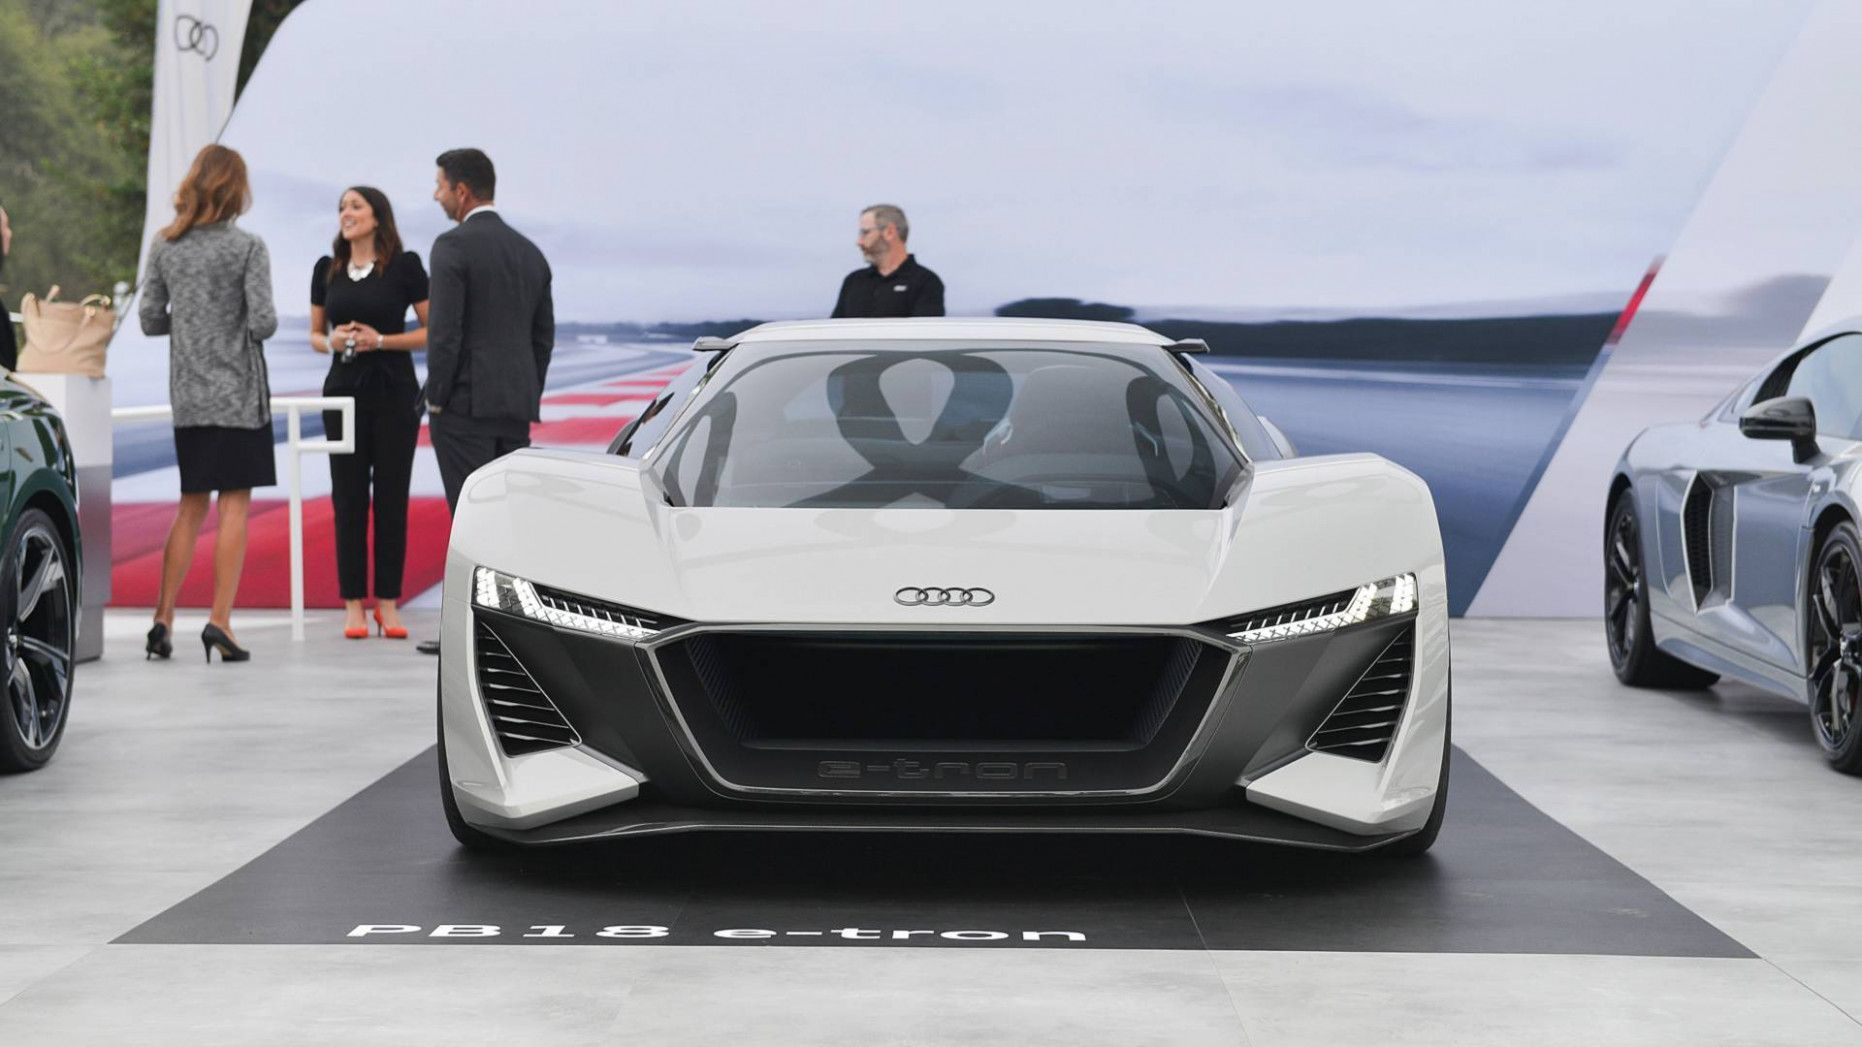 2020 Audi E Tron Gt Price Prices In 2020 Audi E Tron Audi E Tron